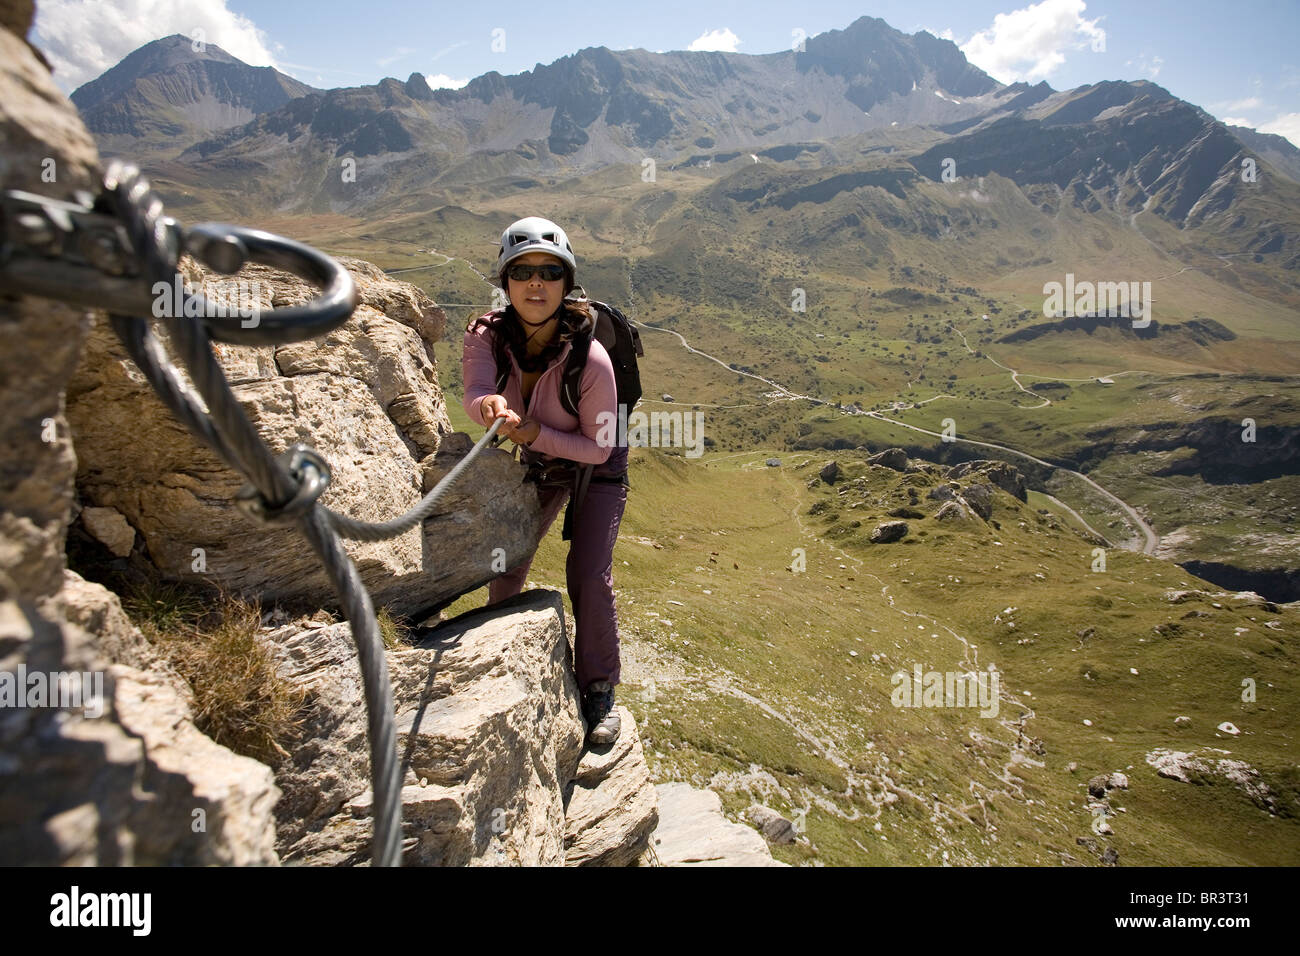 Una joven utiliza el cable atornillada a la roca para escalar el apoyo mientras participan en el deporte de la Via Imagen De Stock